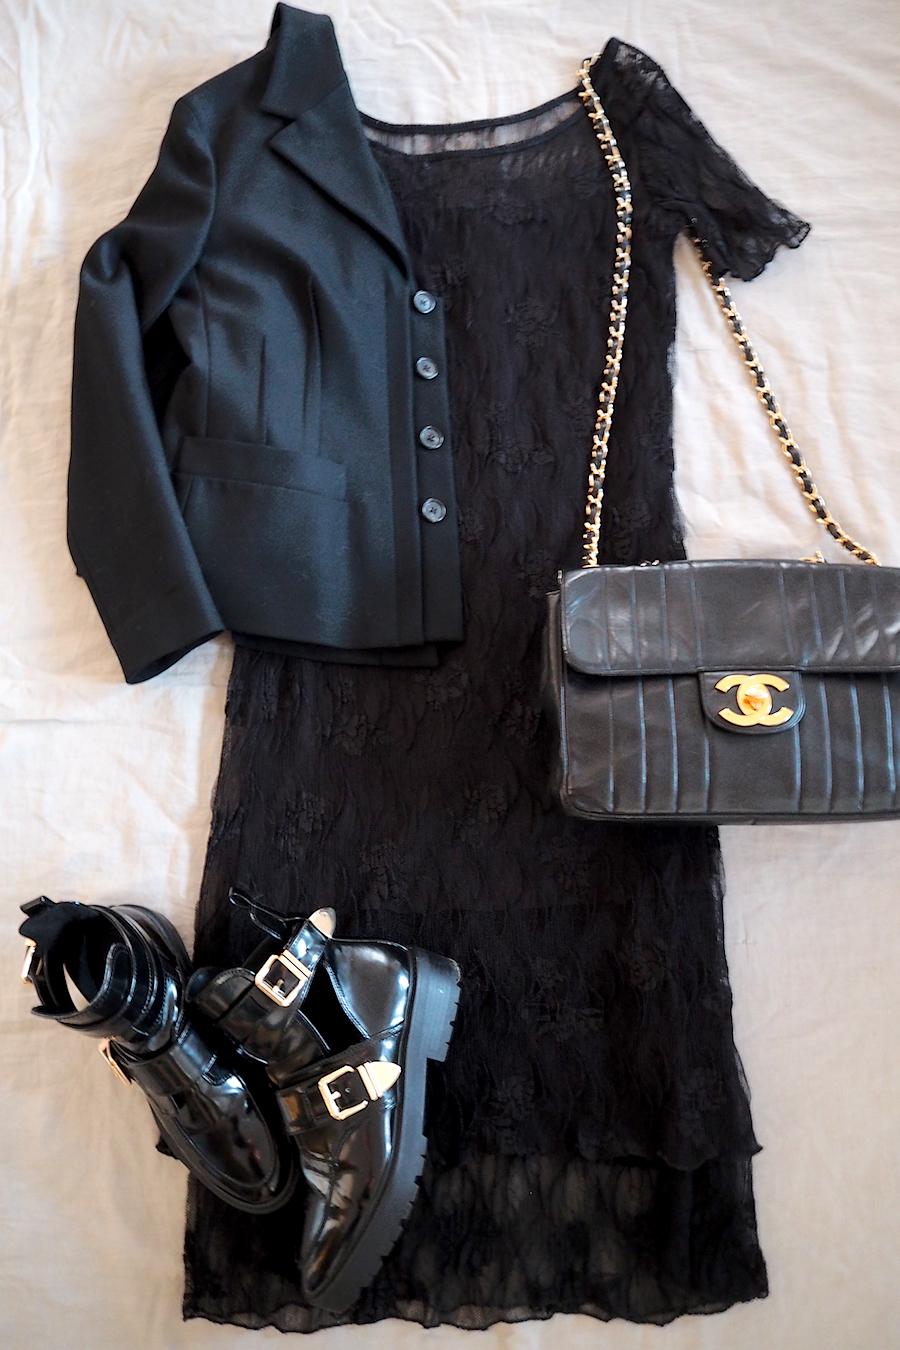 Weihnachtsfeier Firma Kleidung.Stylebook Outfit Zur Weihnachtsfeier